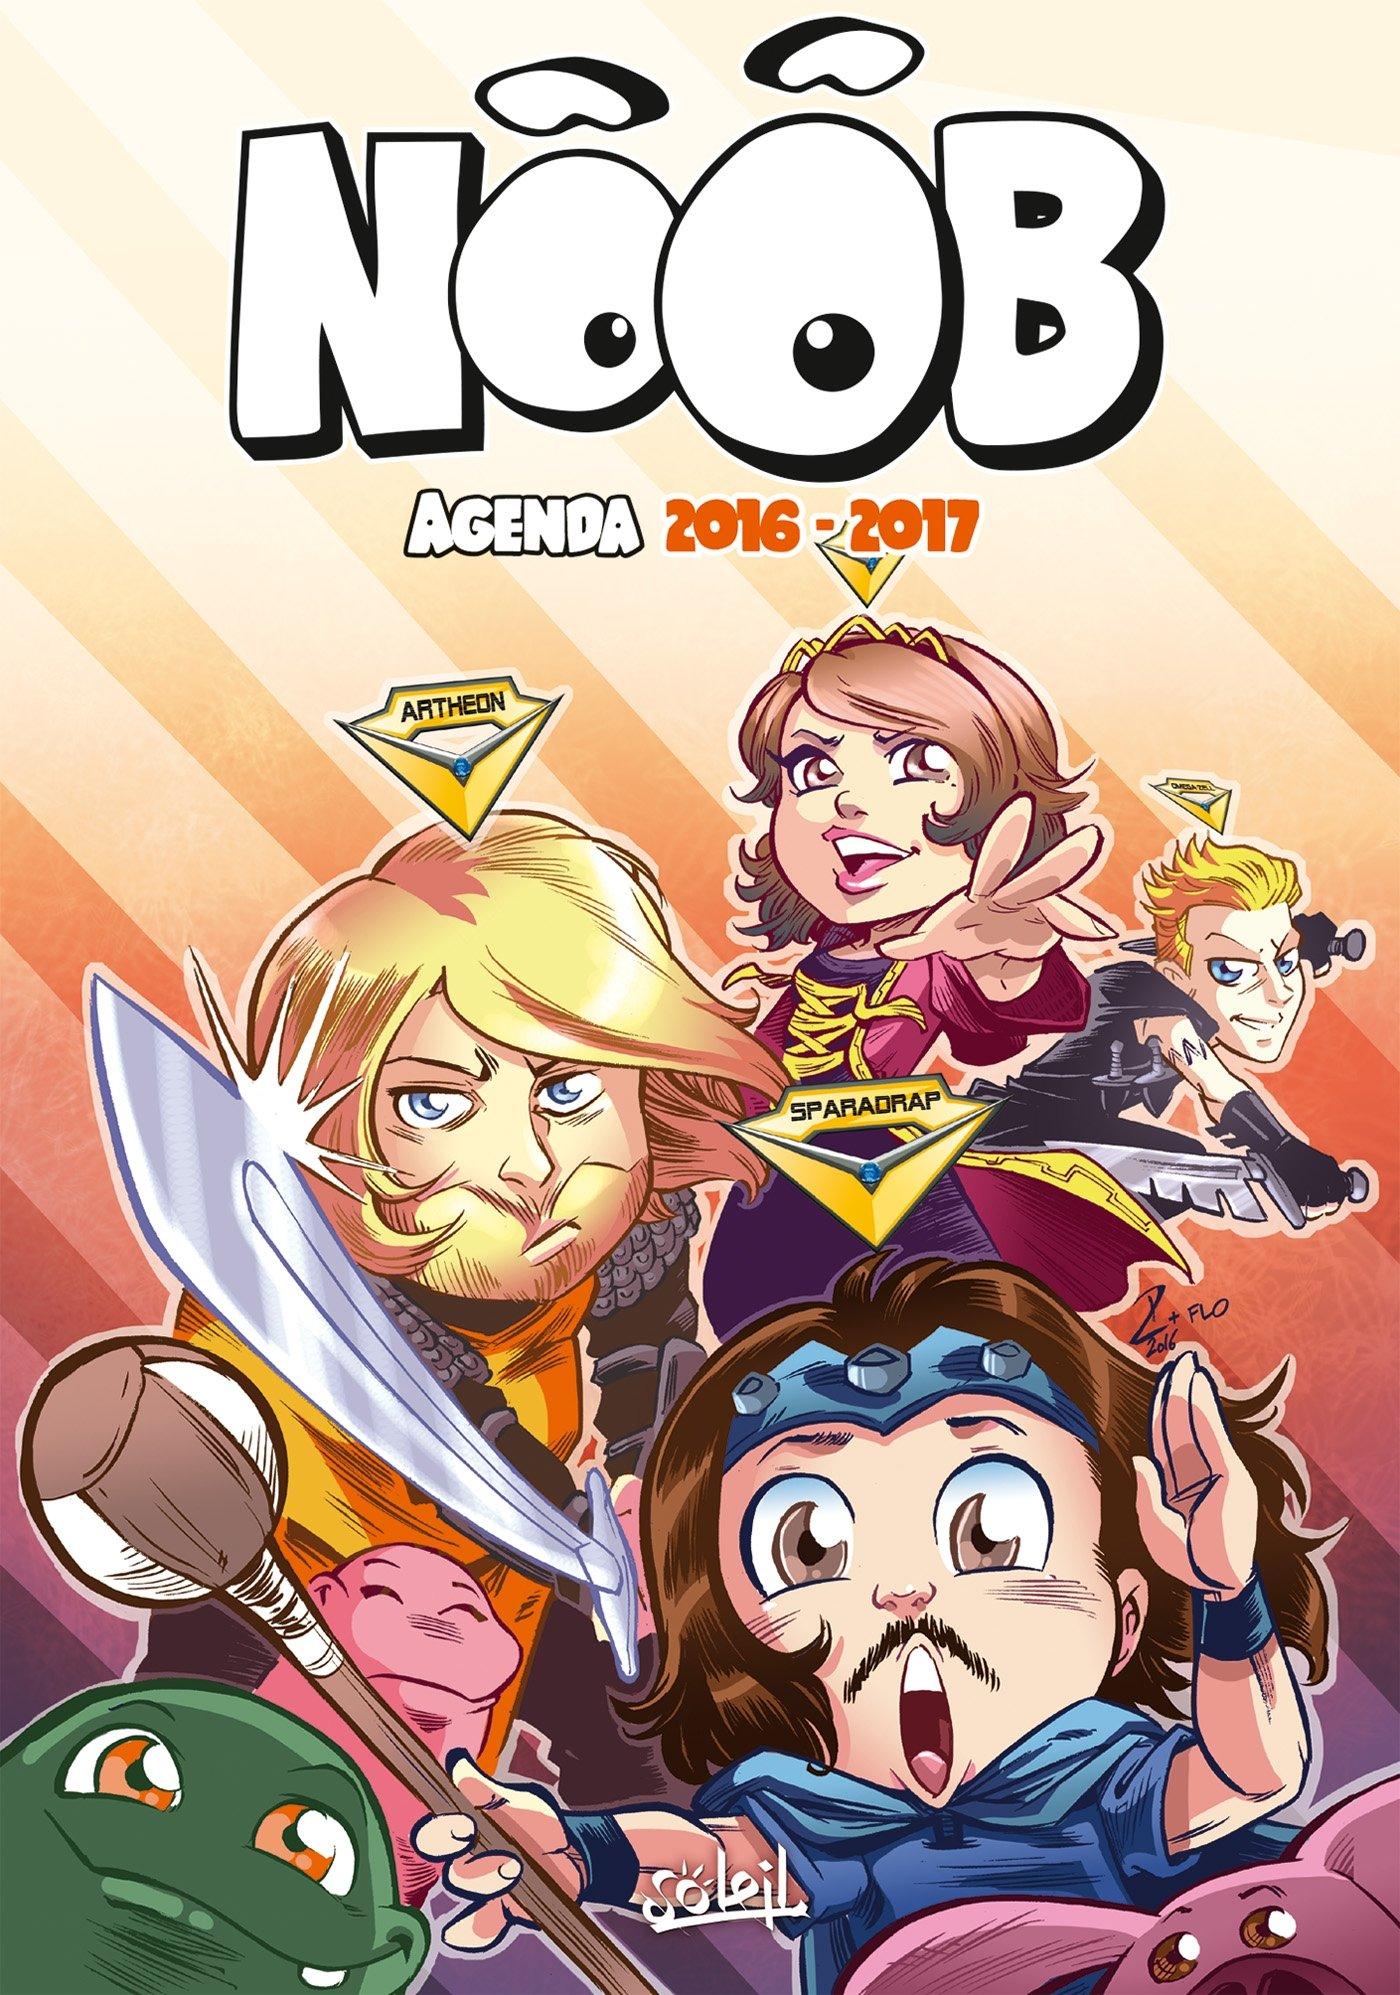 SOLEIL Noob agenda 2016 - 2017: 9782302052475: Amazon.com: Books